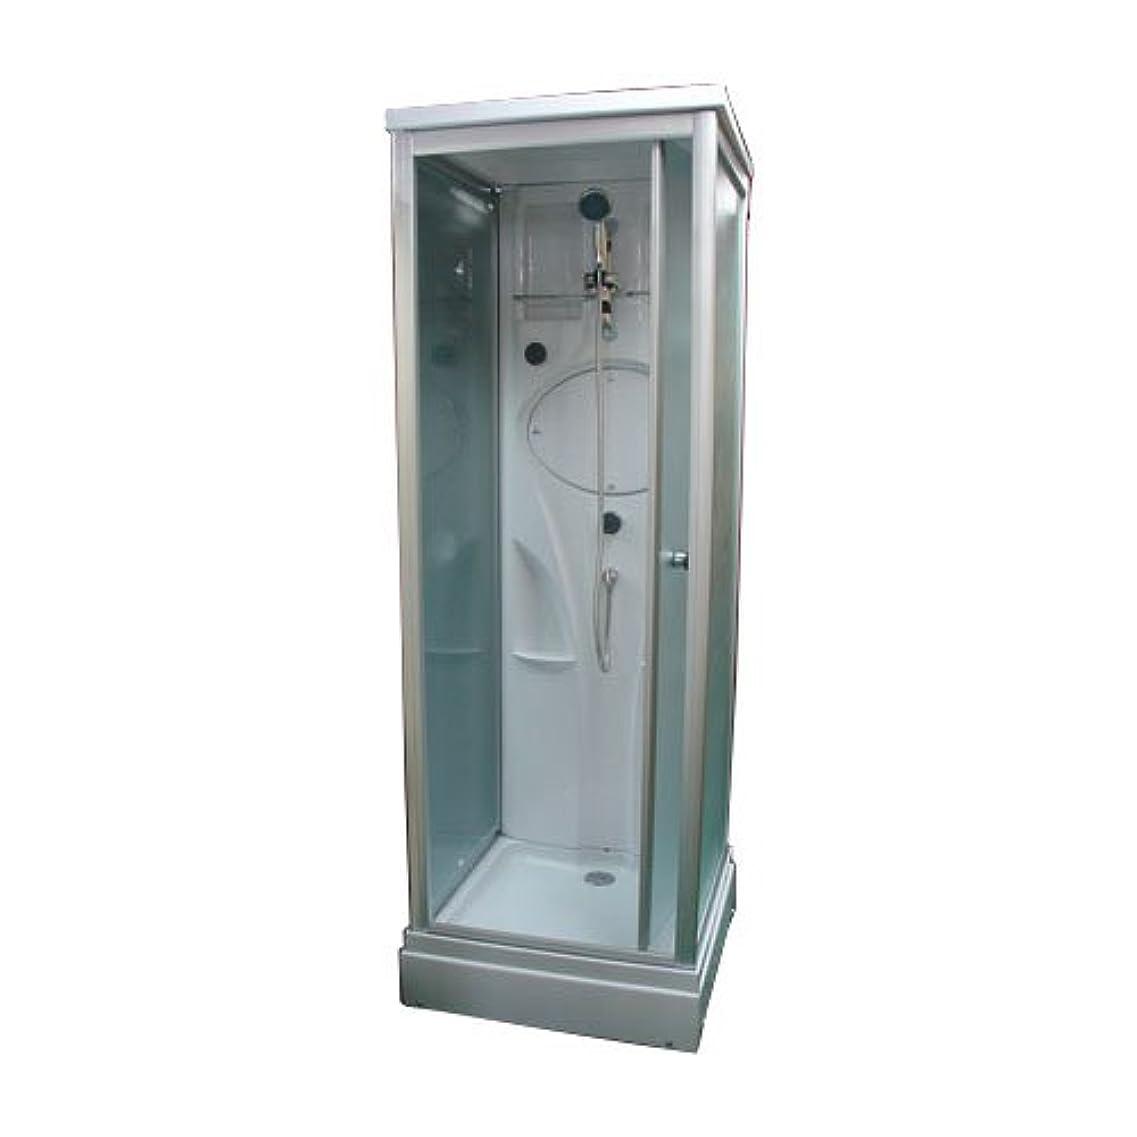 不幸不満買収シャワーブース FRP製 ガラス:スモーク [幅76.5×奥行76.5×高220cm] INK-8039-3s